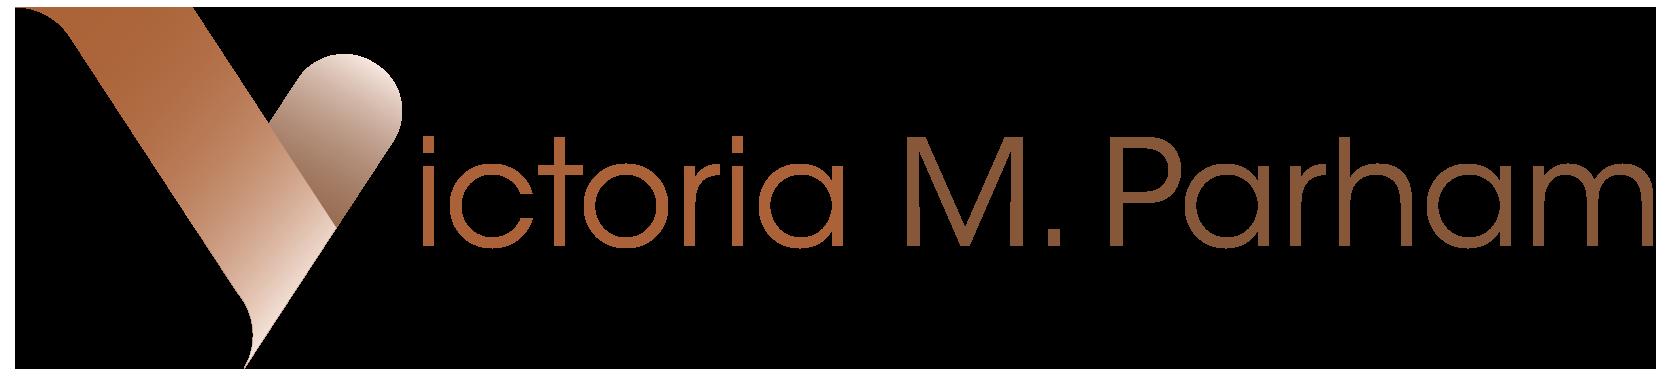 new original 2020 logo for vplc